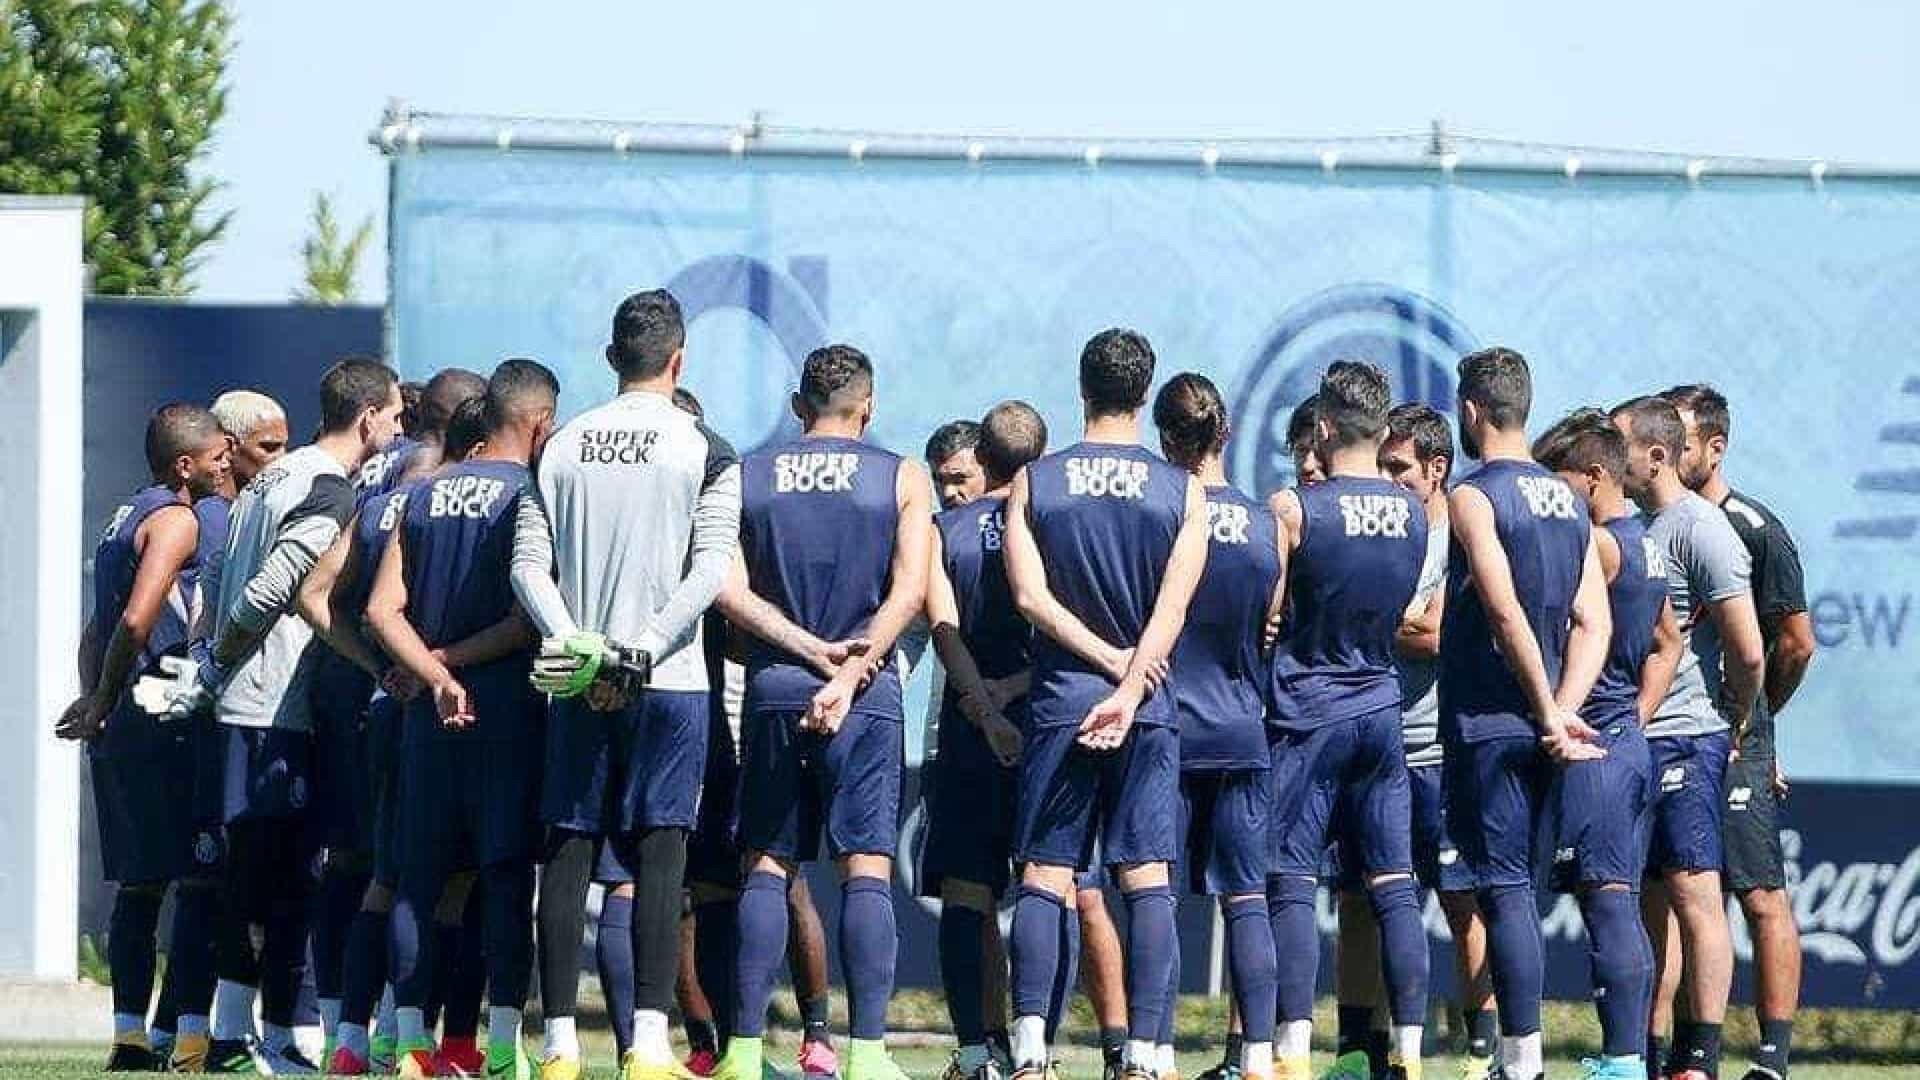 André Pereira novidade no treino — FC Porto